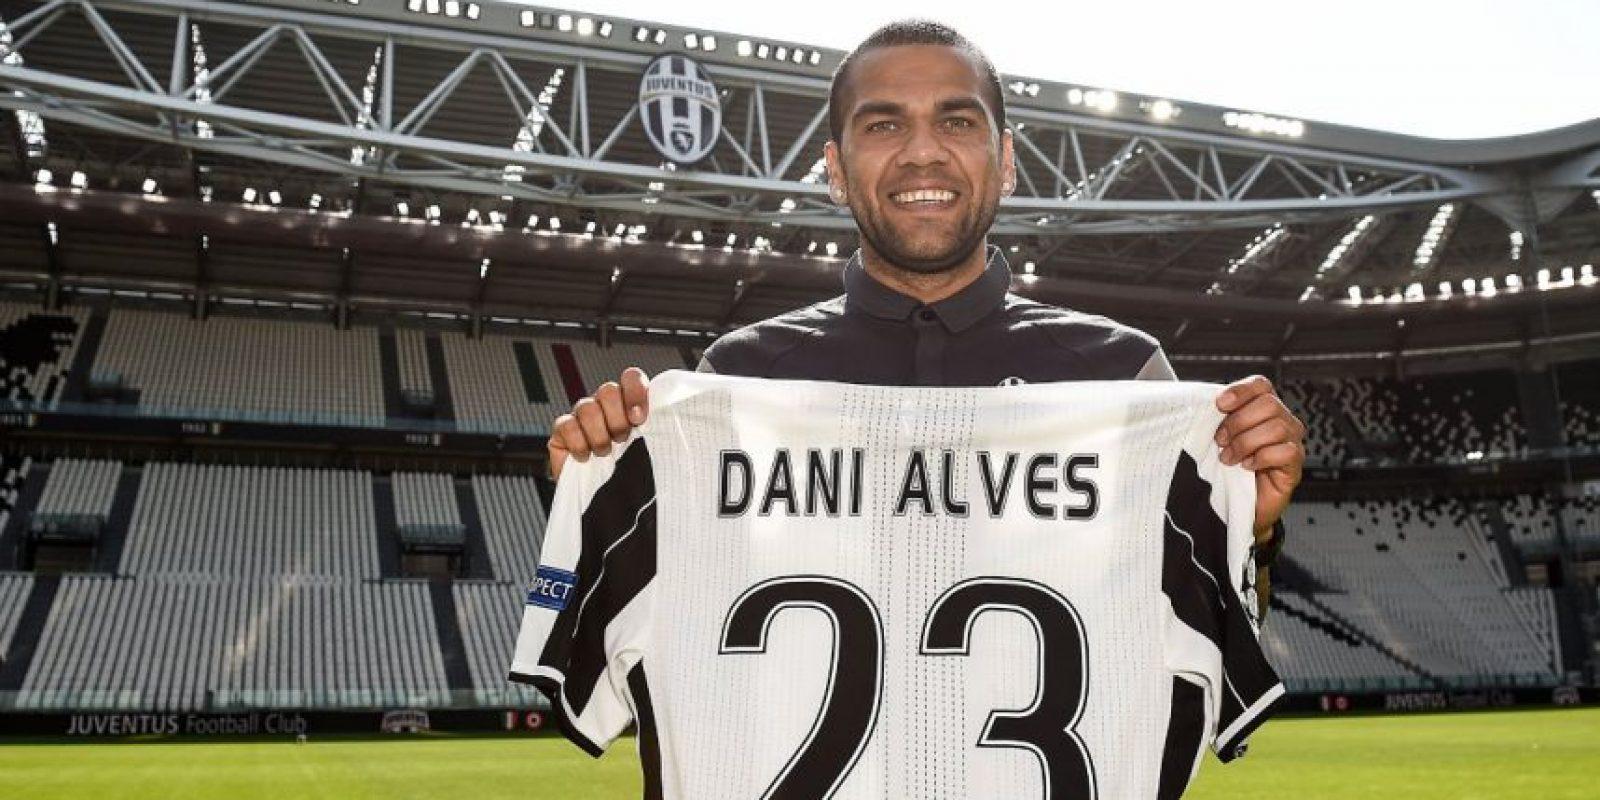 En su llegada al club, Dani Alves eligió el 23 para rendirle homenaje a LeBron James Foto:Sitio web oficial de Juventus